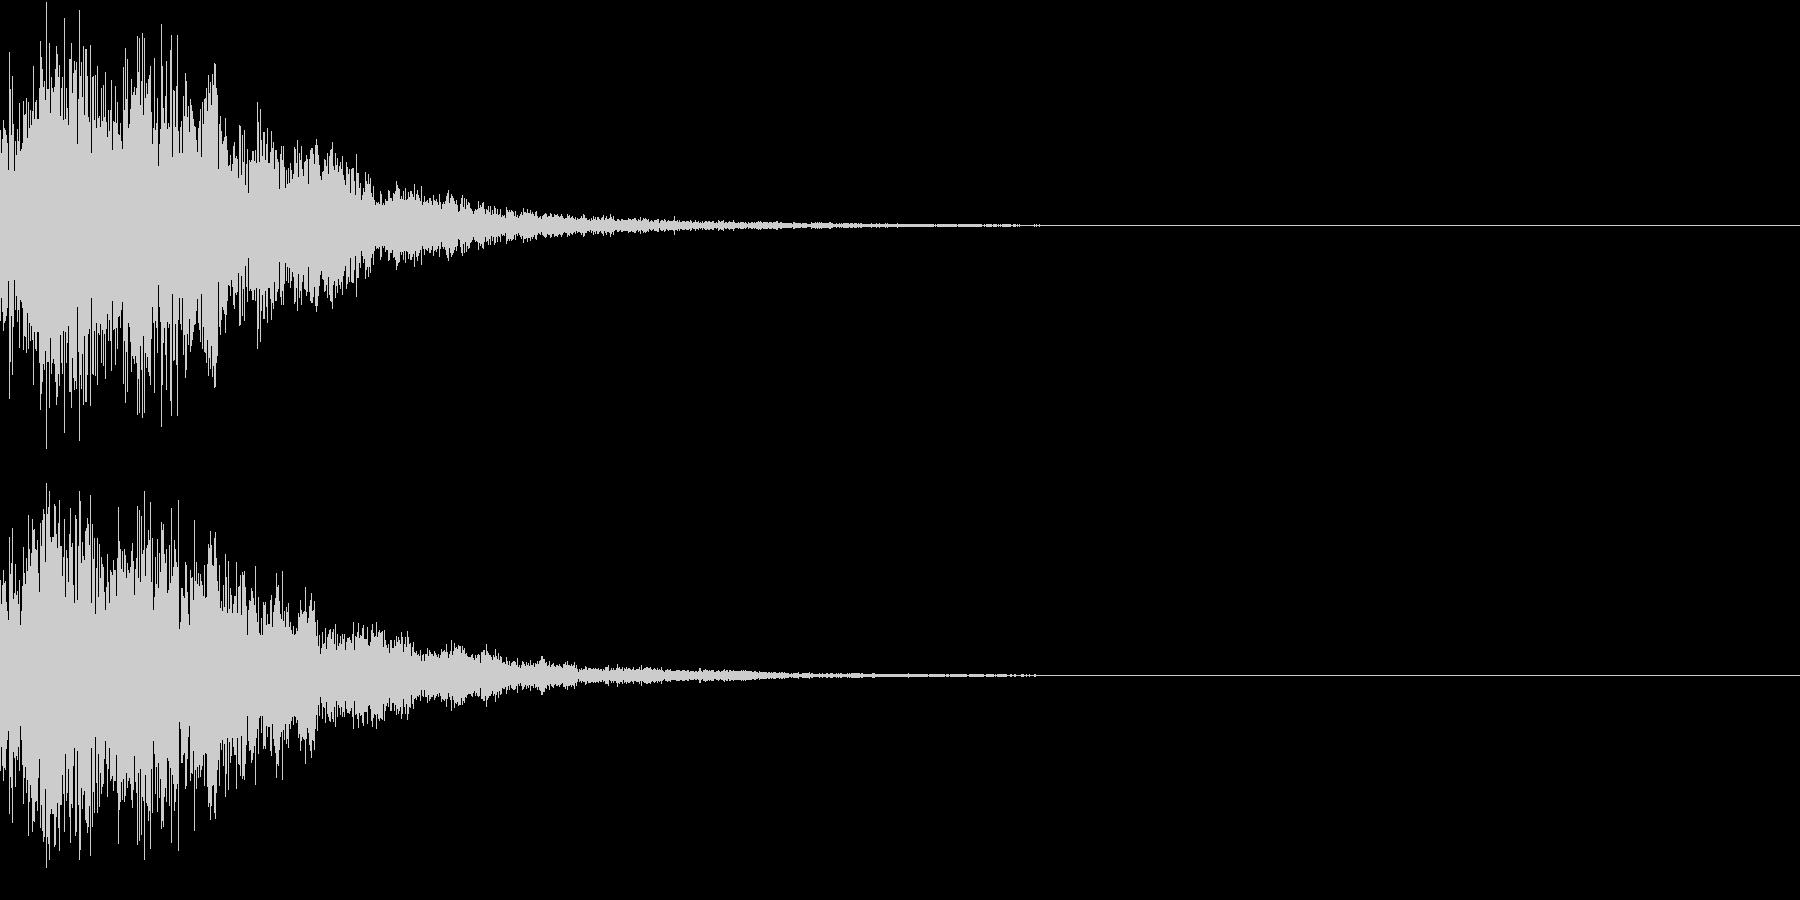 プッチーン(感情:怒る)の未再生の波形